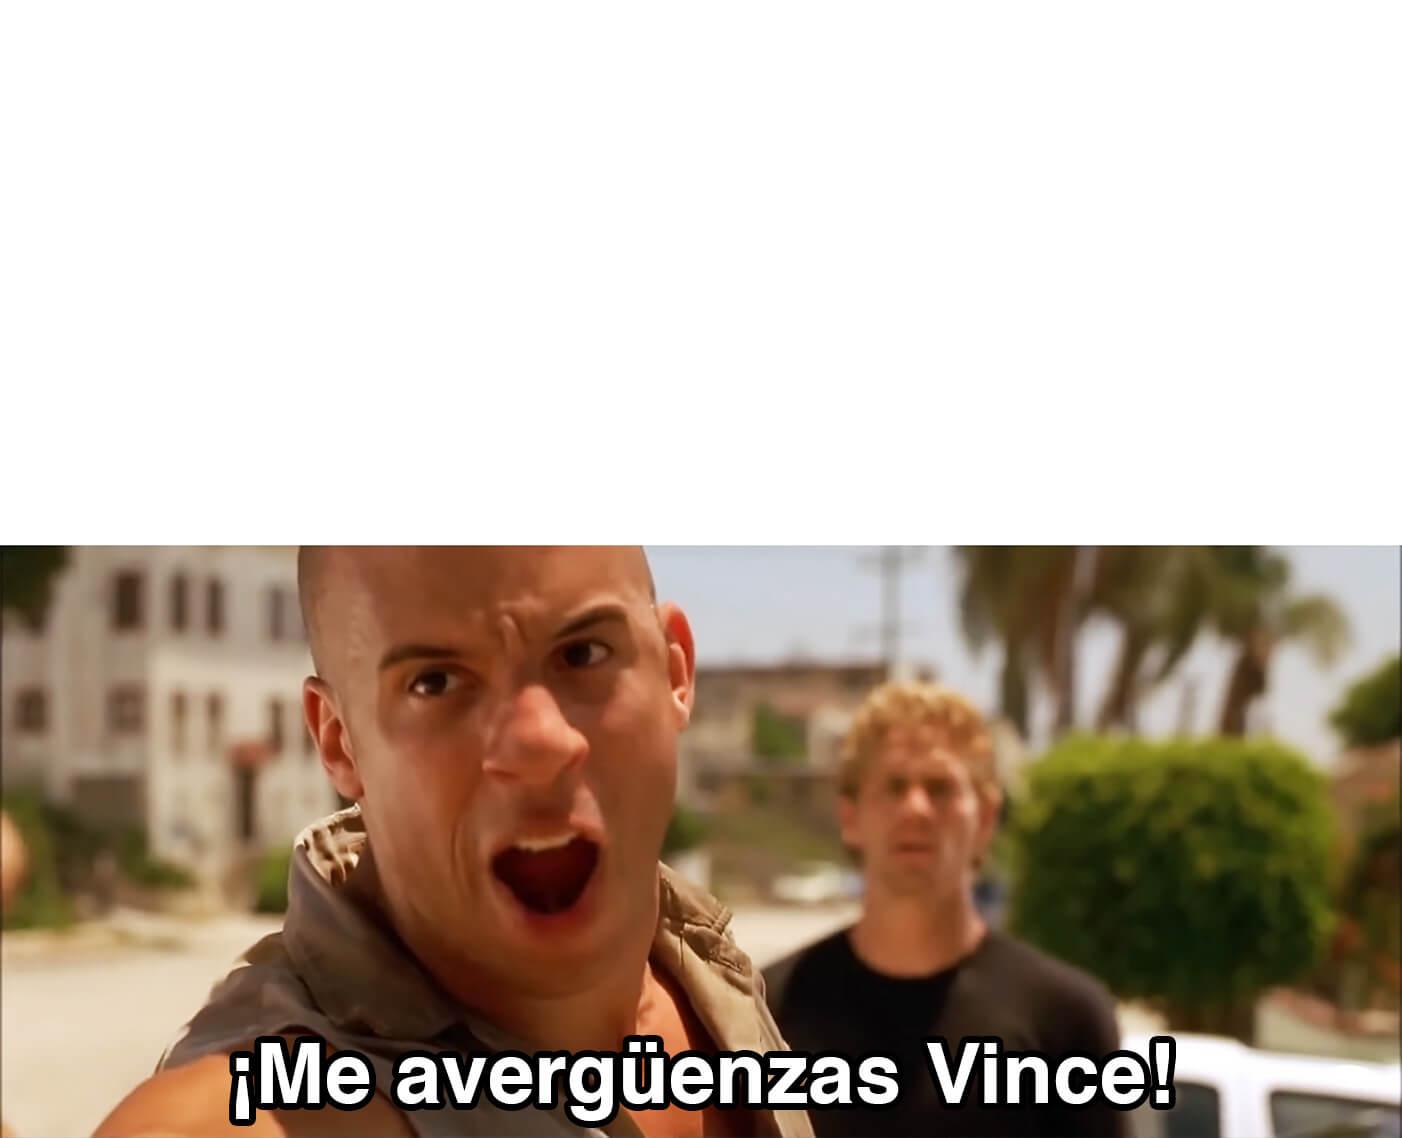 Ir a la pagina de la plantilla Me avergüenzas Vince.